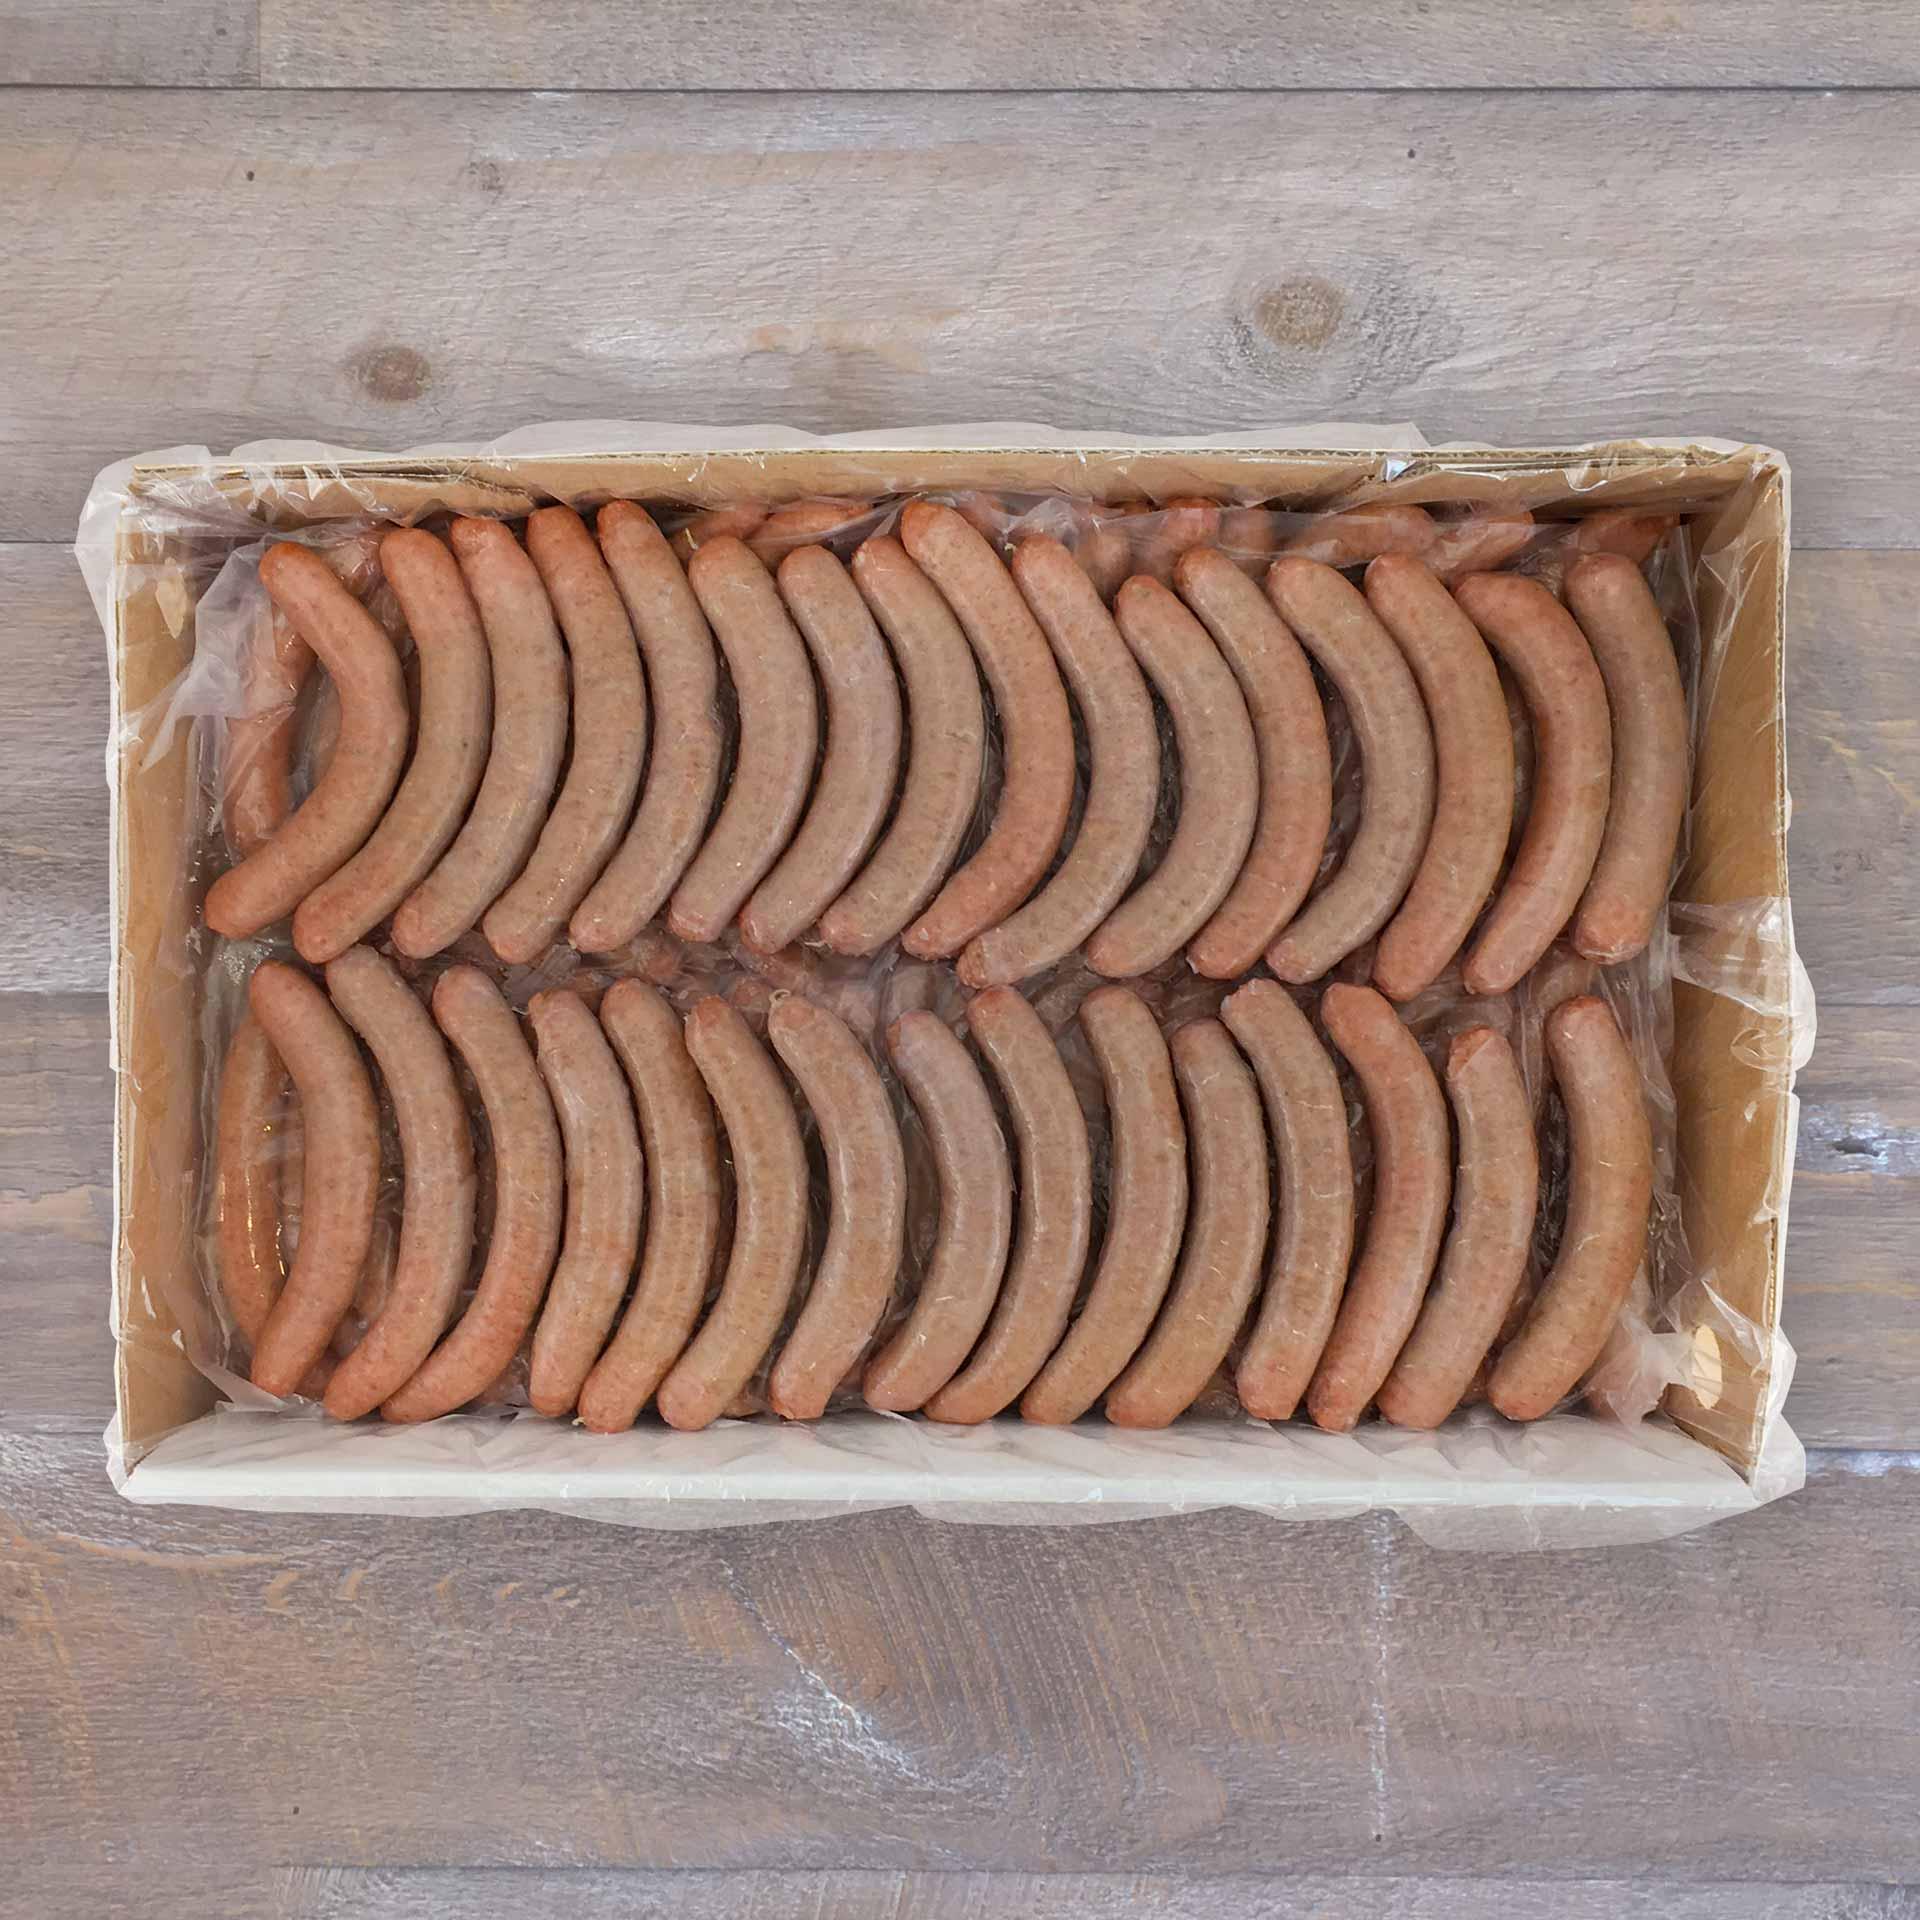 Bulk Turkey Breakfast Links | Ferndale Market